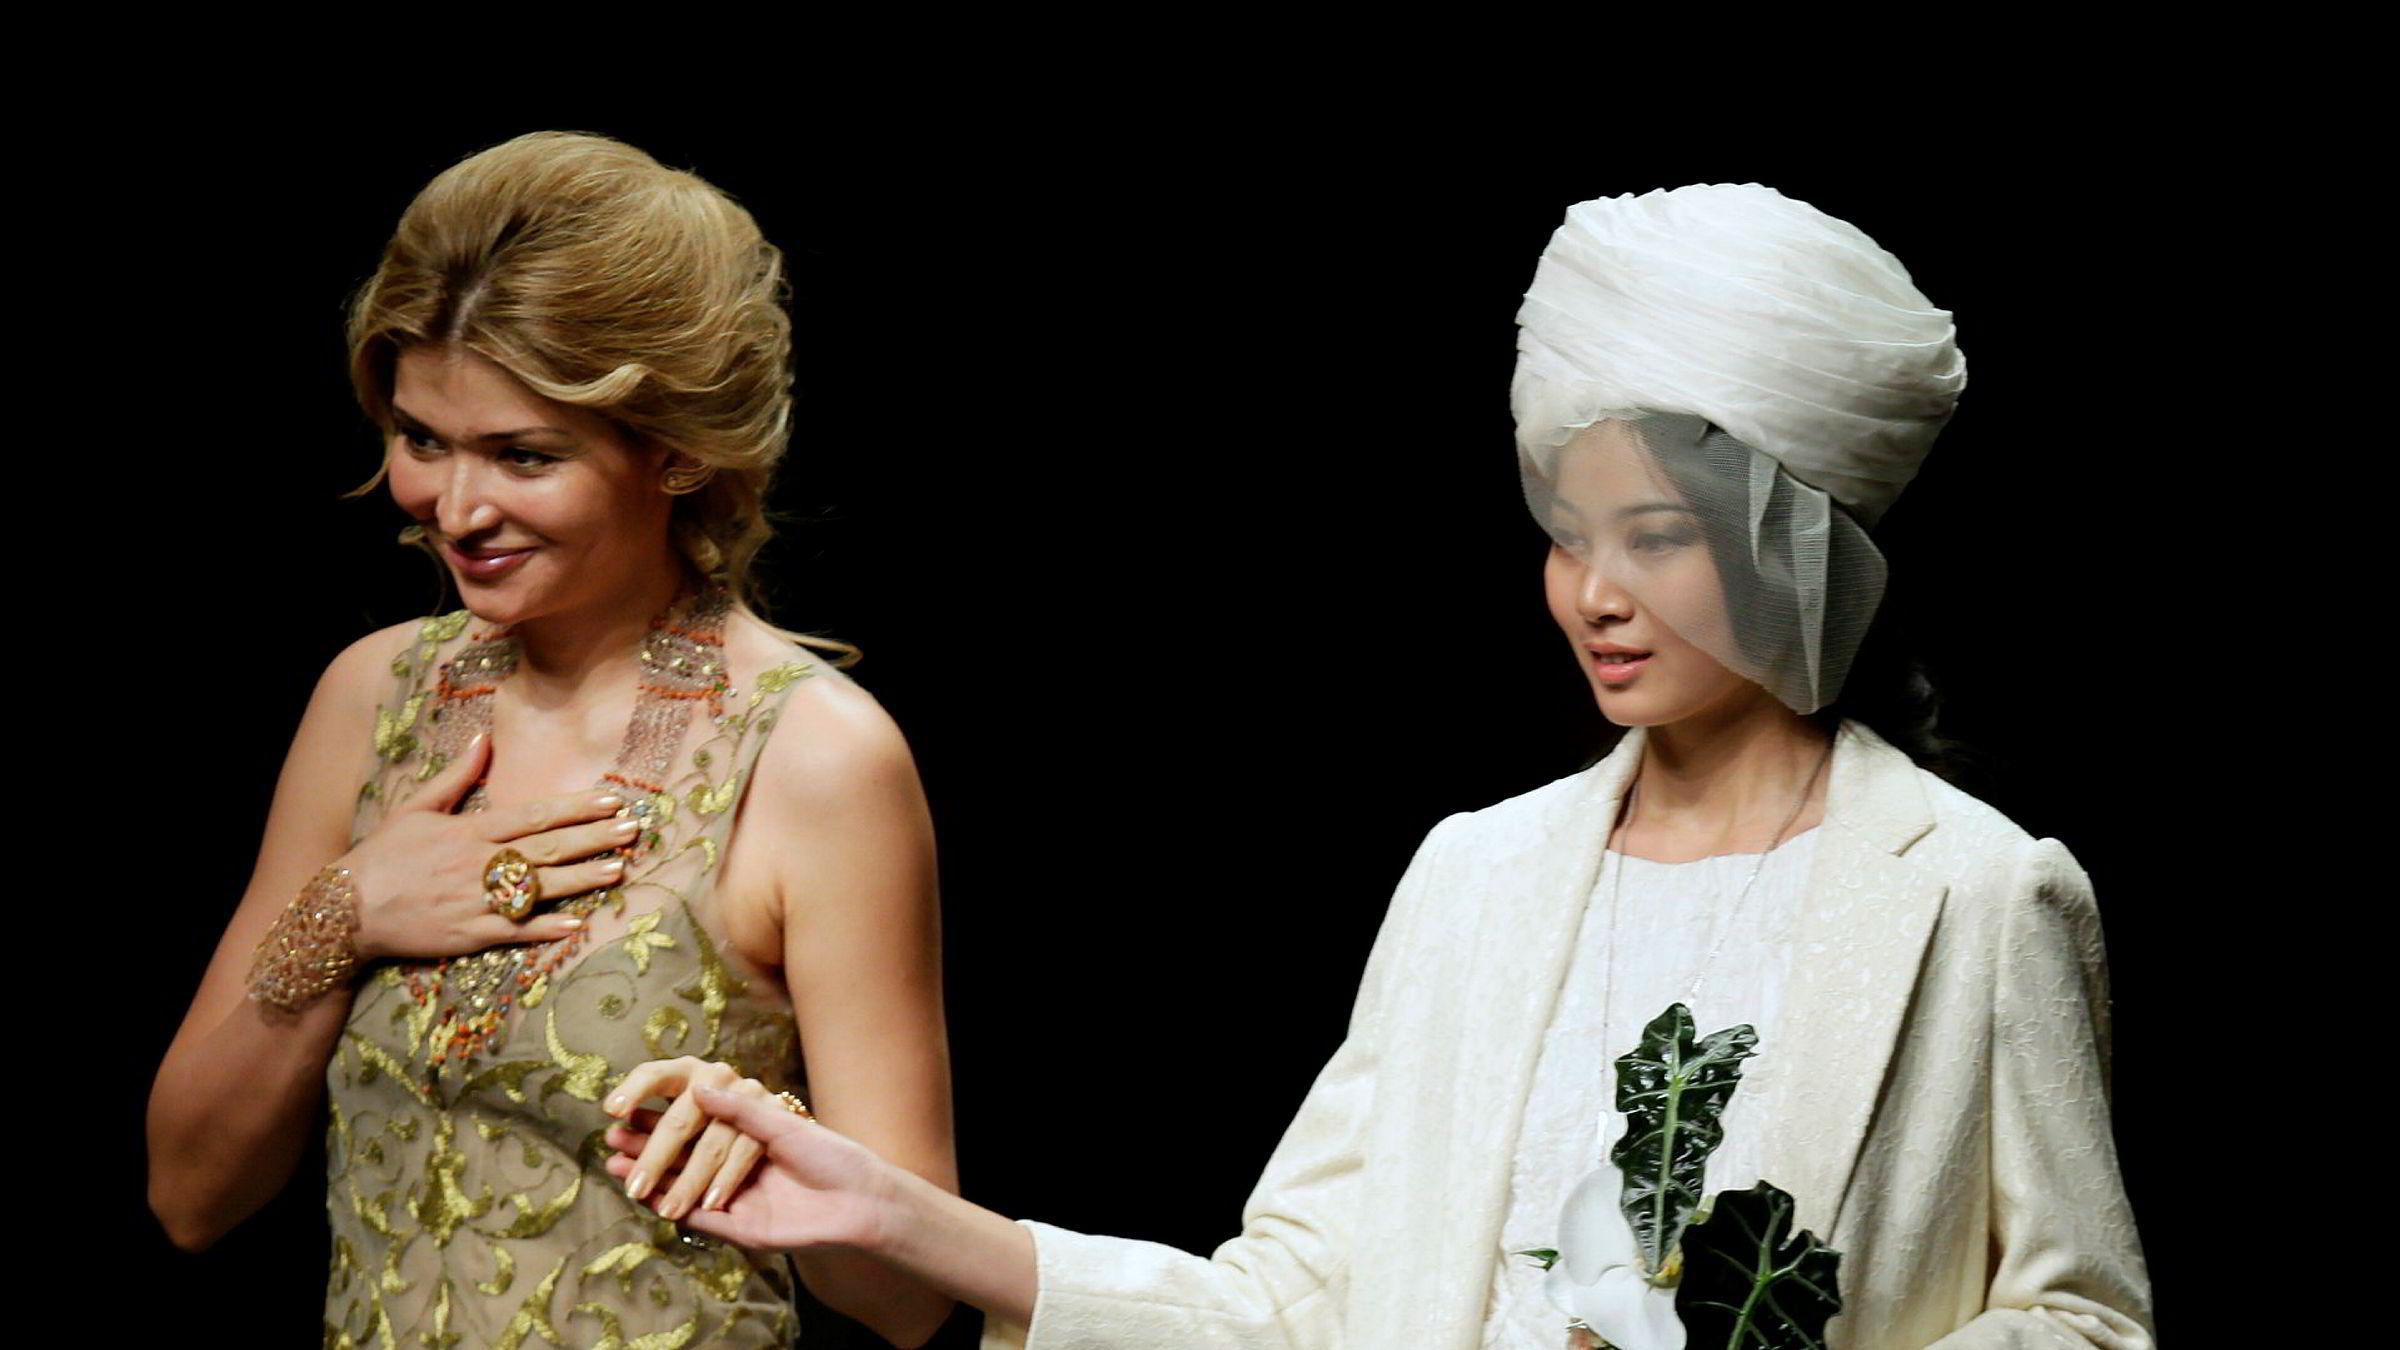 I februar 2016 erkjente Veon og Unitel seg skyldige i å ha betalt store beløp i bestikkelser til presidentdatter Gulnara Karimova for å få innpass i mobilmarkedet i Usbekistan. Her presenterer Gulnara Karimova sin kleskolleksjon på China Fashion Week i Beijing i oktober 2012.